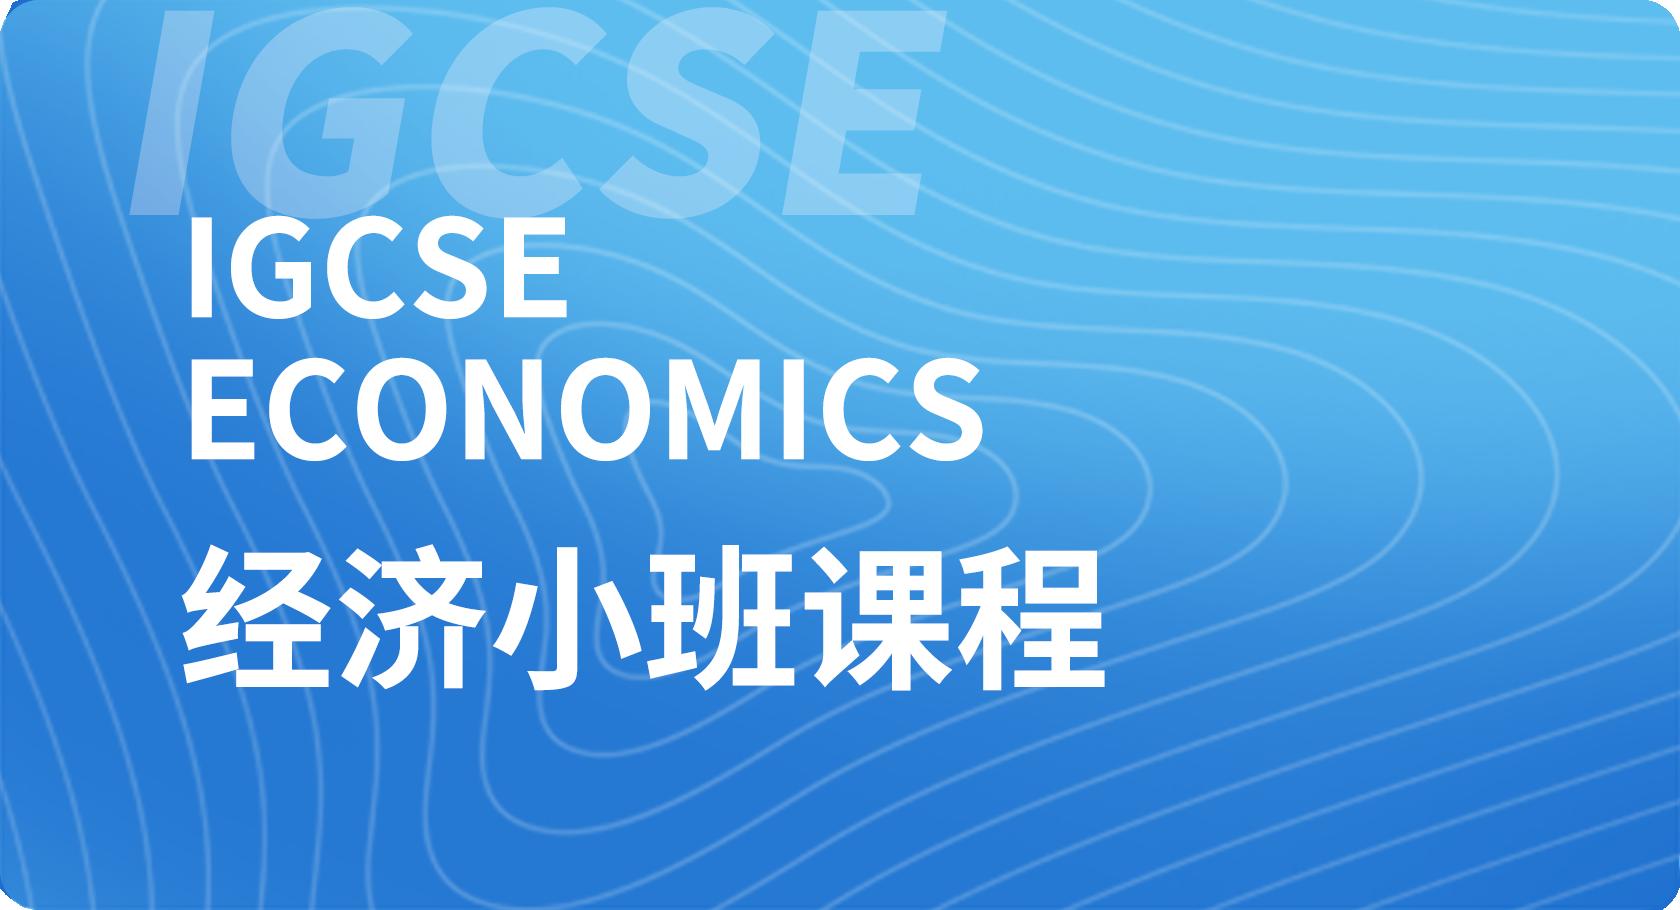 IGCSE经济小班课程